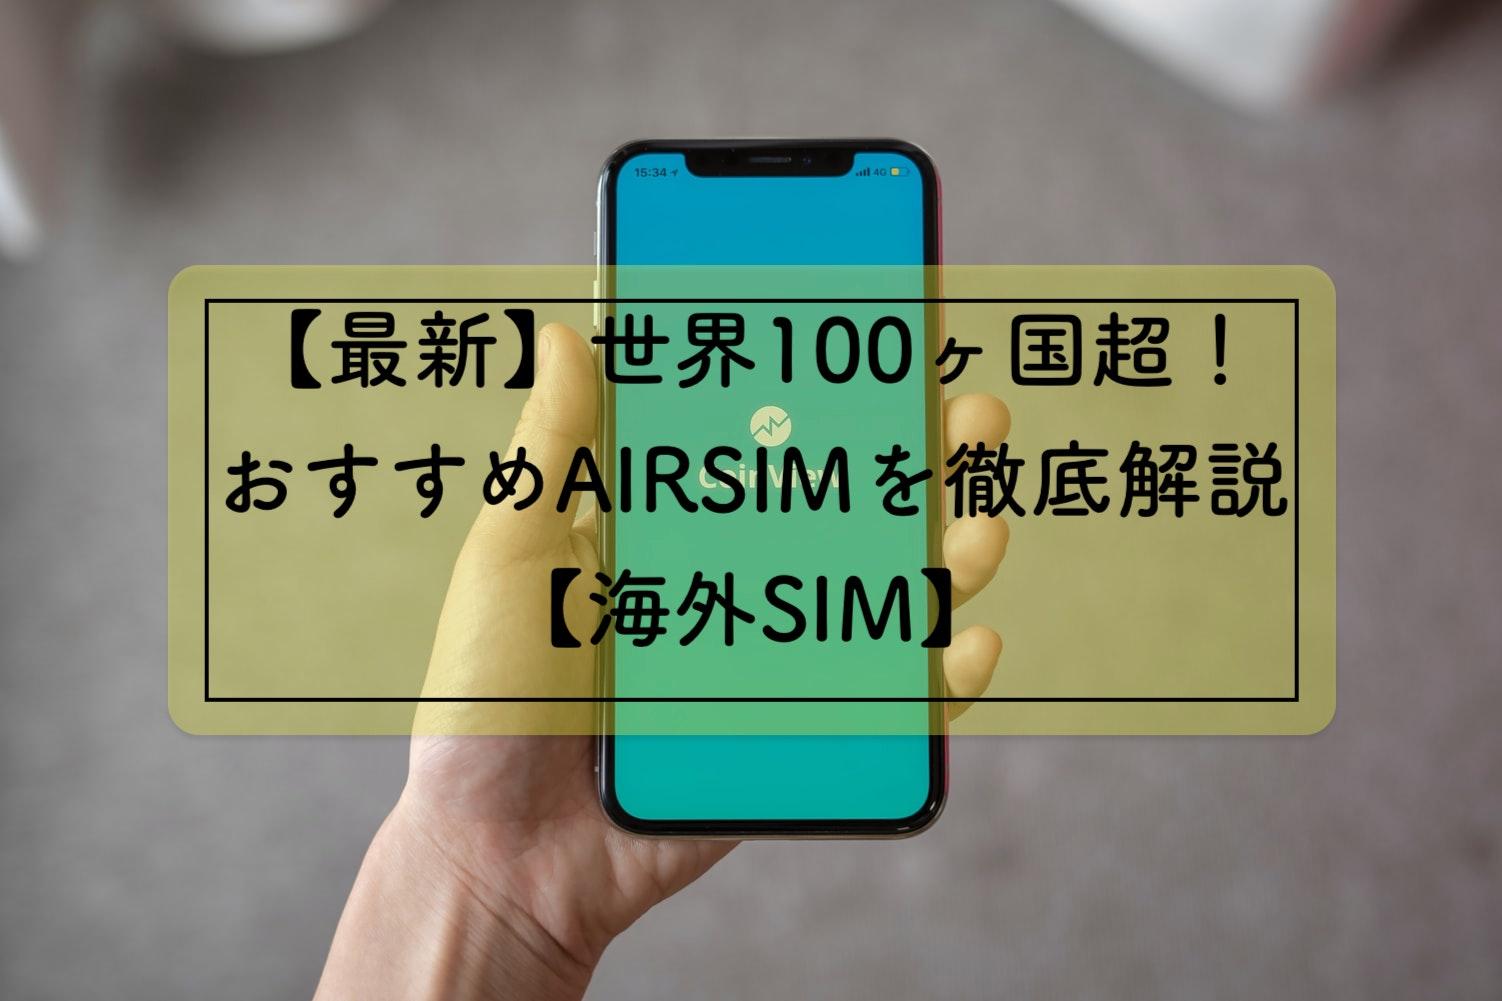 【最新】世界100ヶ国超!おすすめAIRSIMを徹底解説【海外SIM】